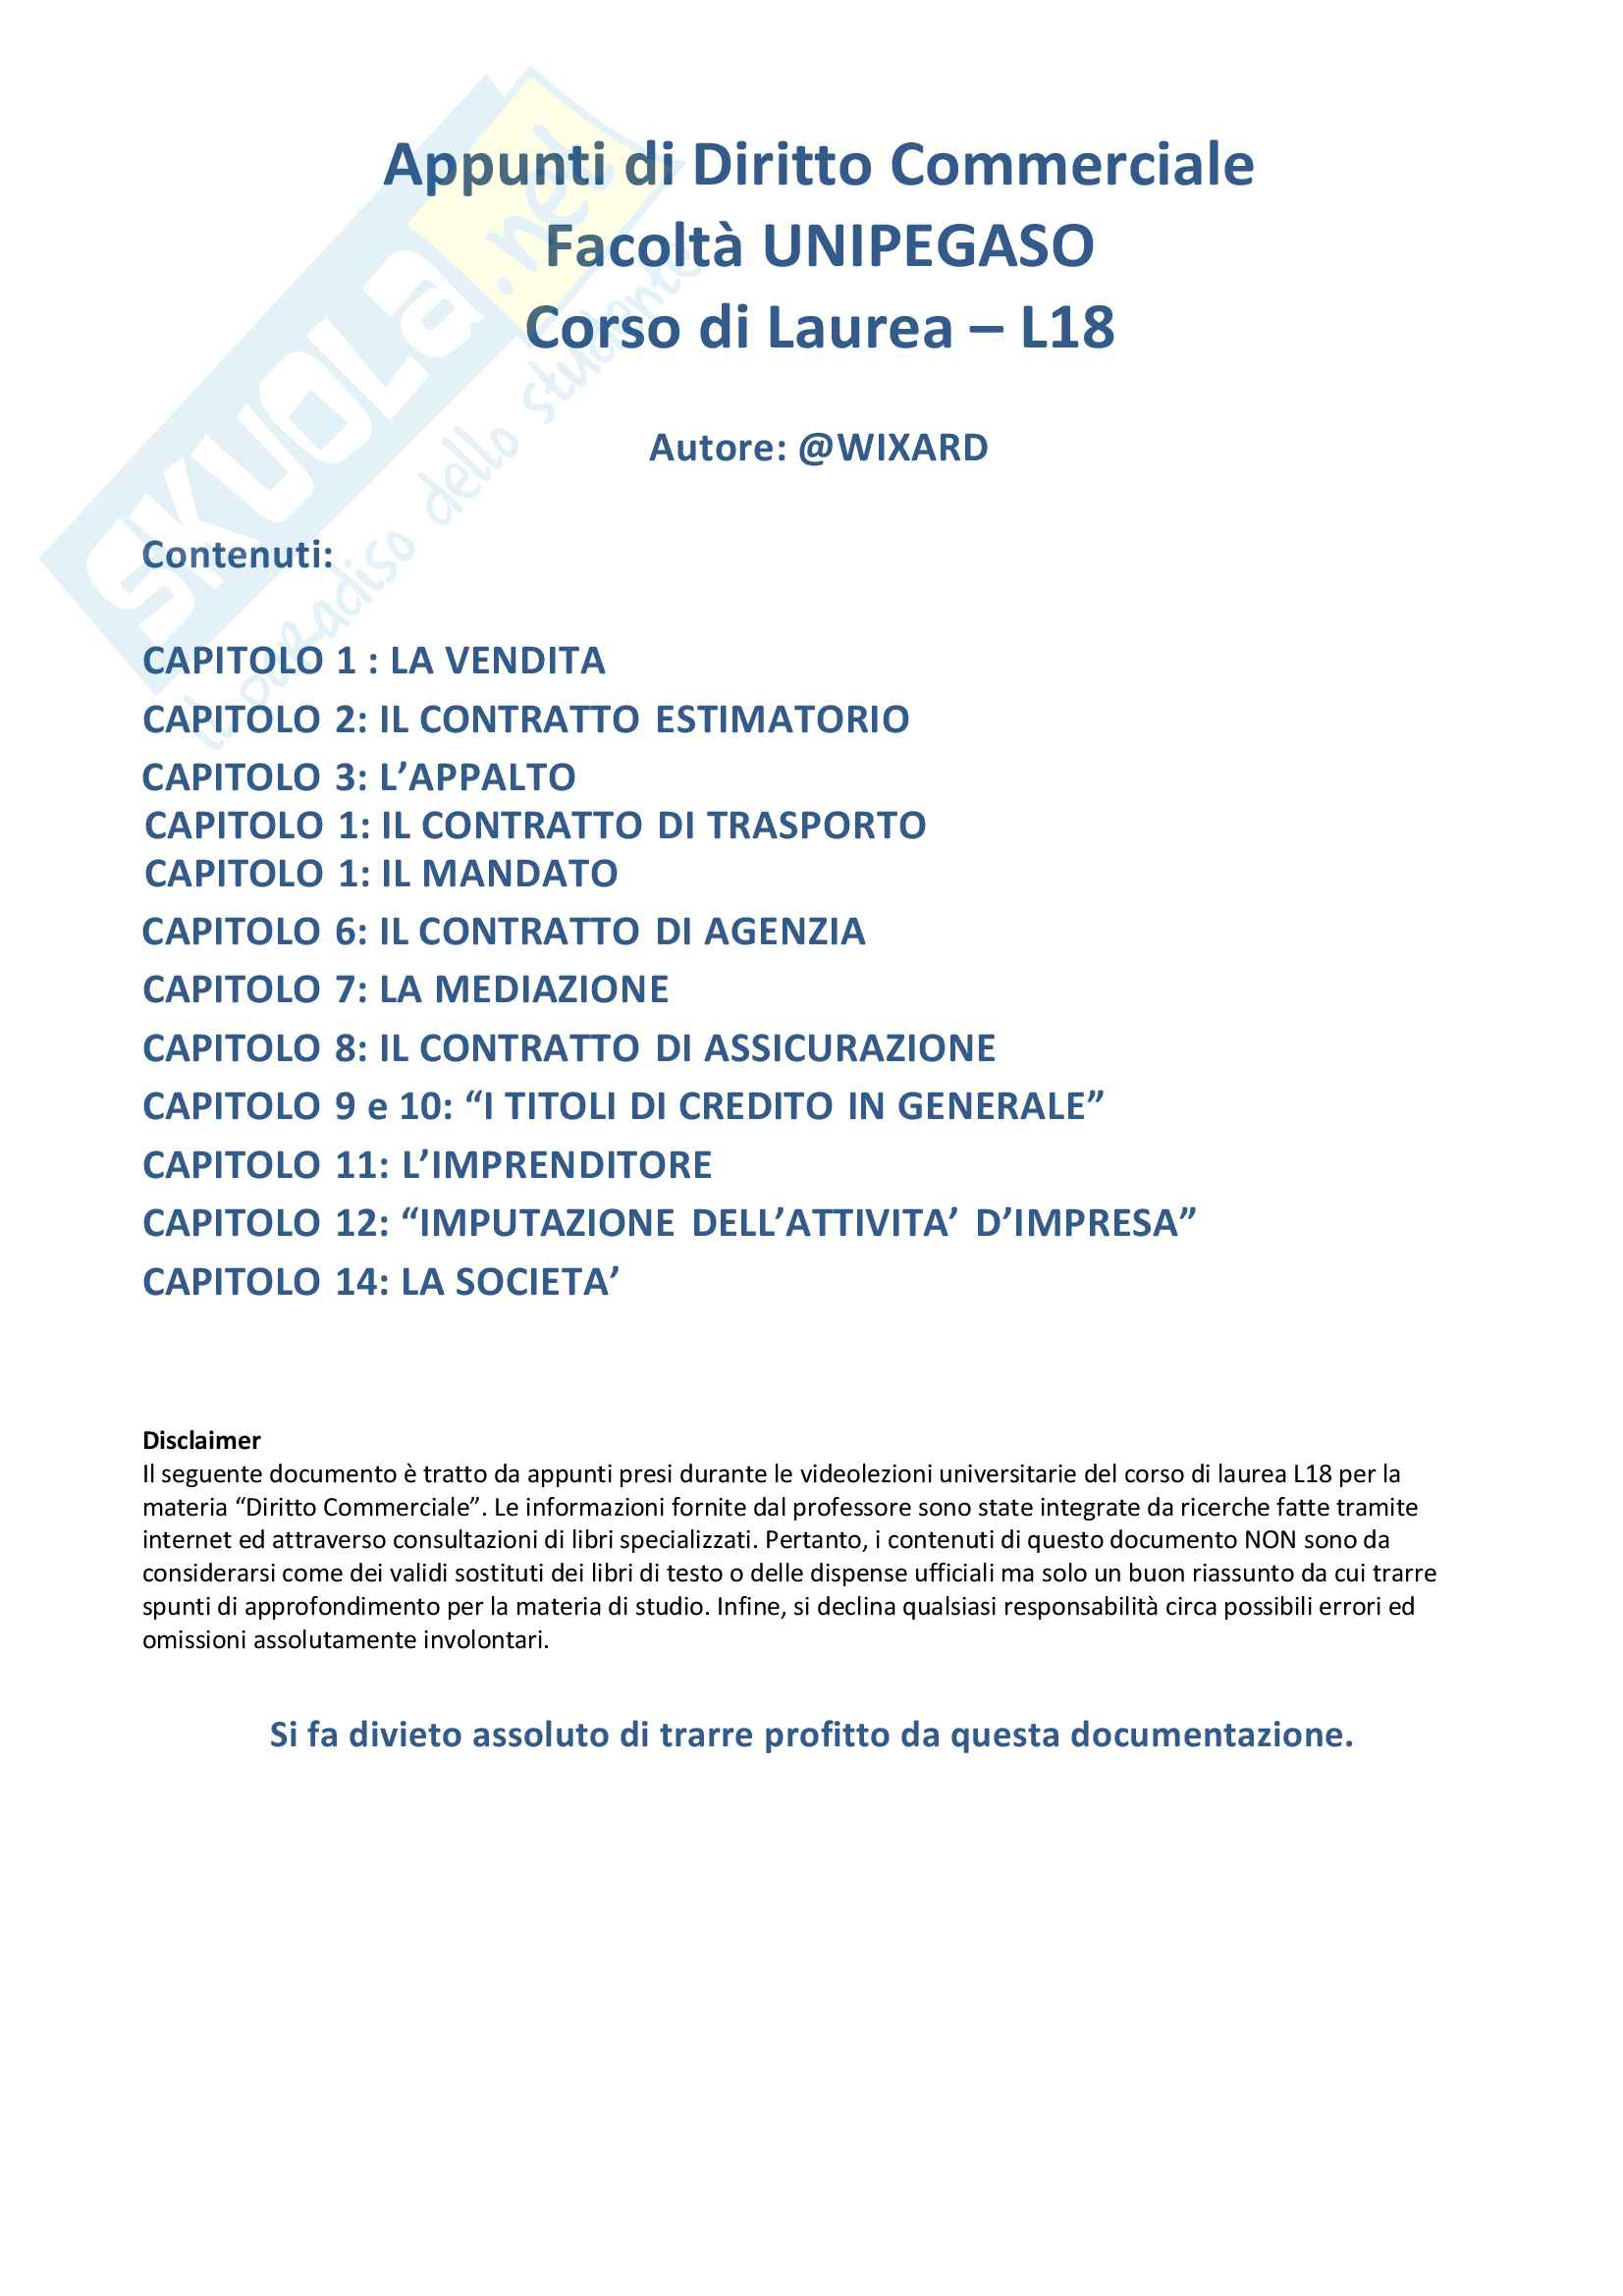 Riassunto Diritto Commerciale L18 Unipegaso